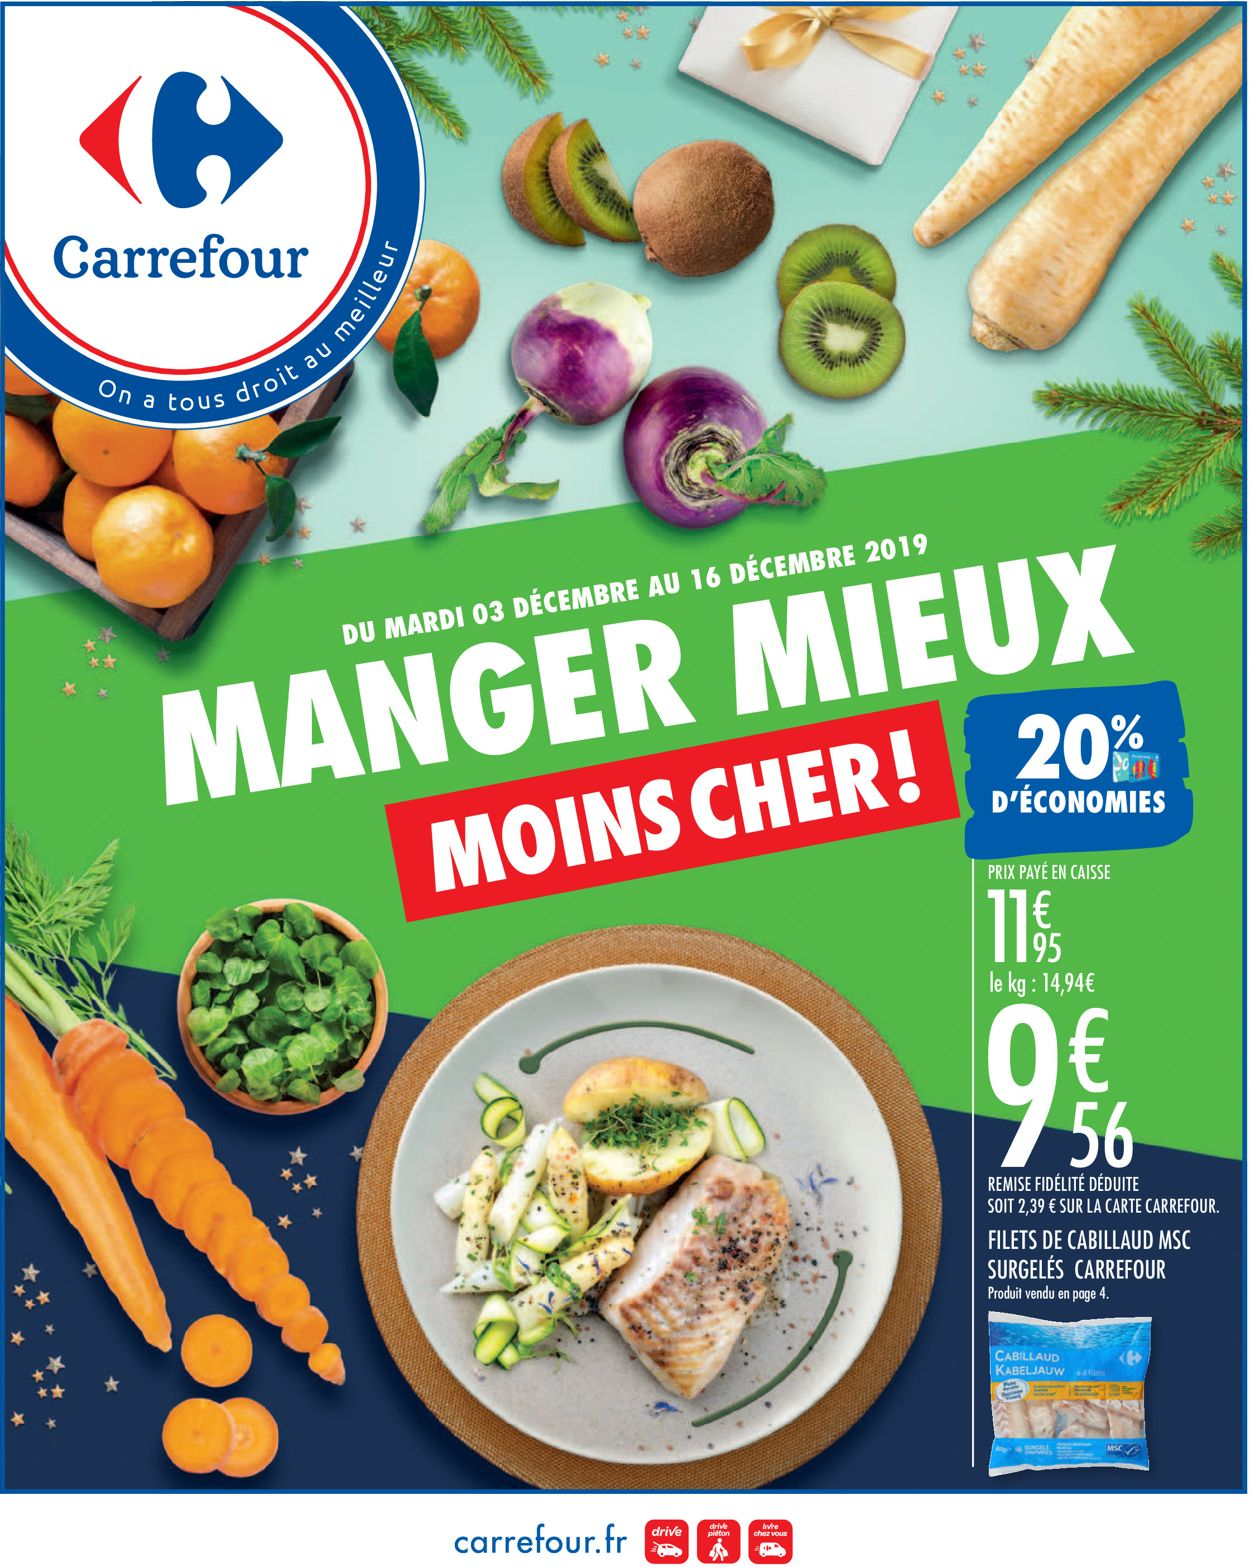 Carrefour Catalogue - 03.12-16.12.2019